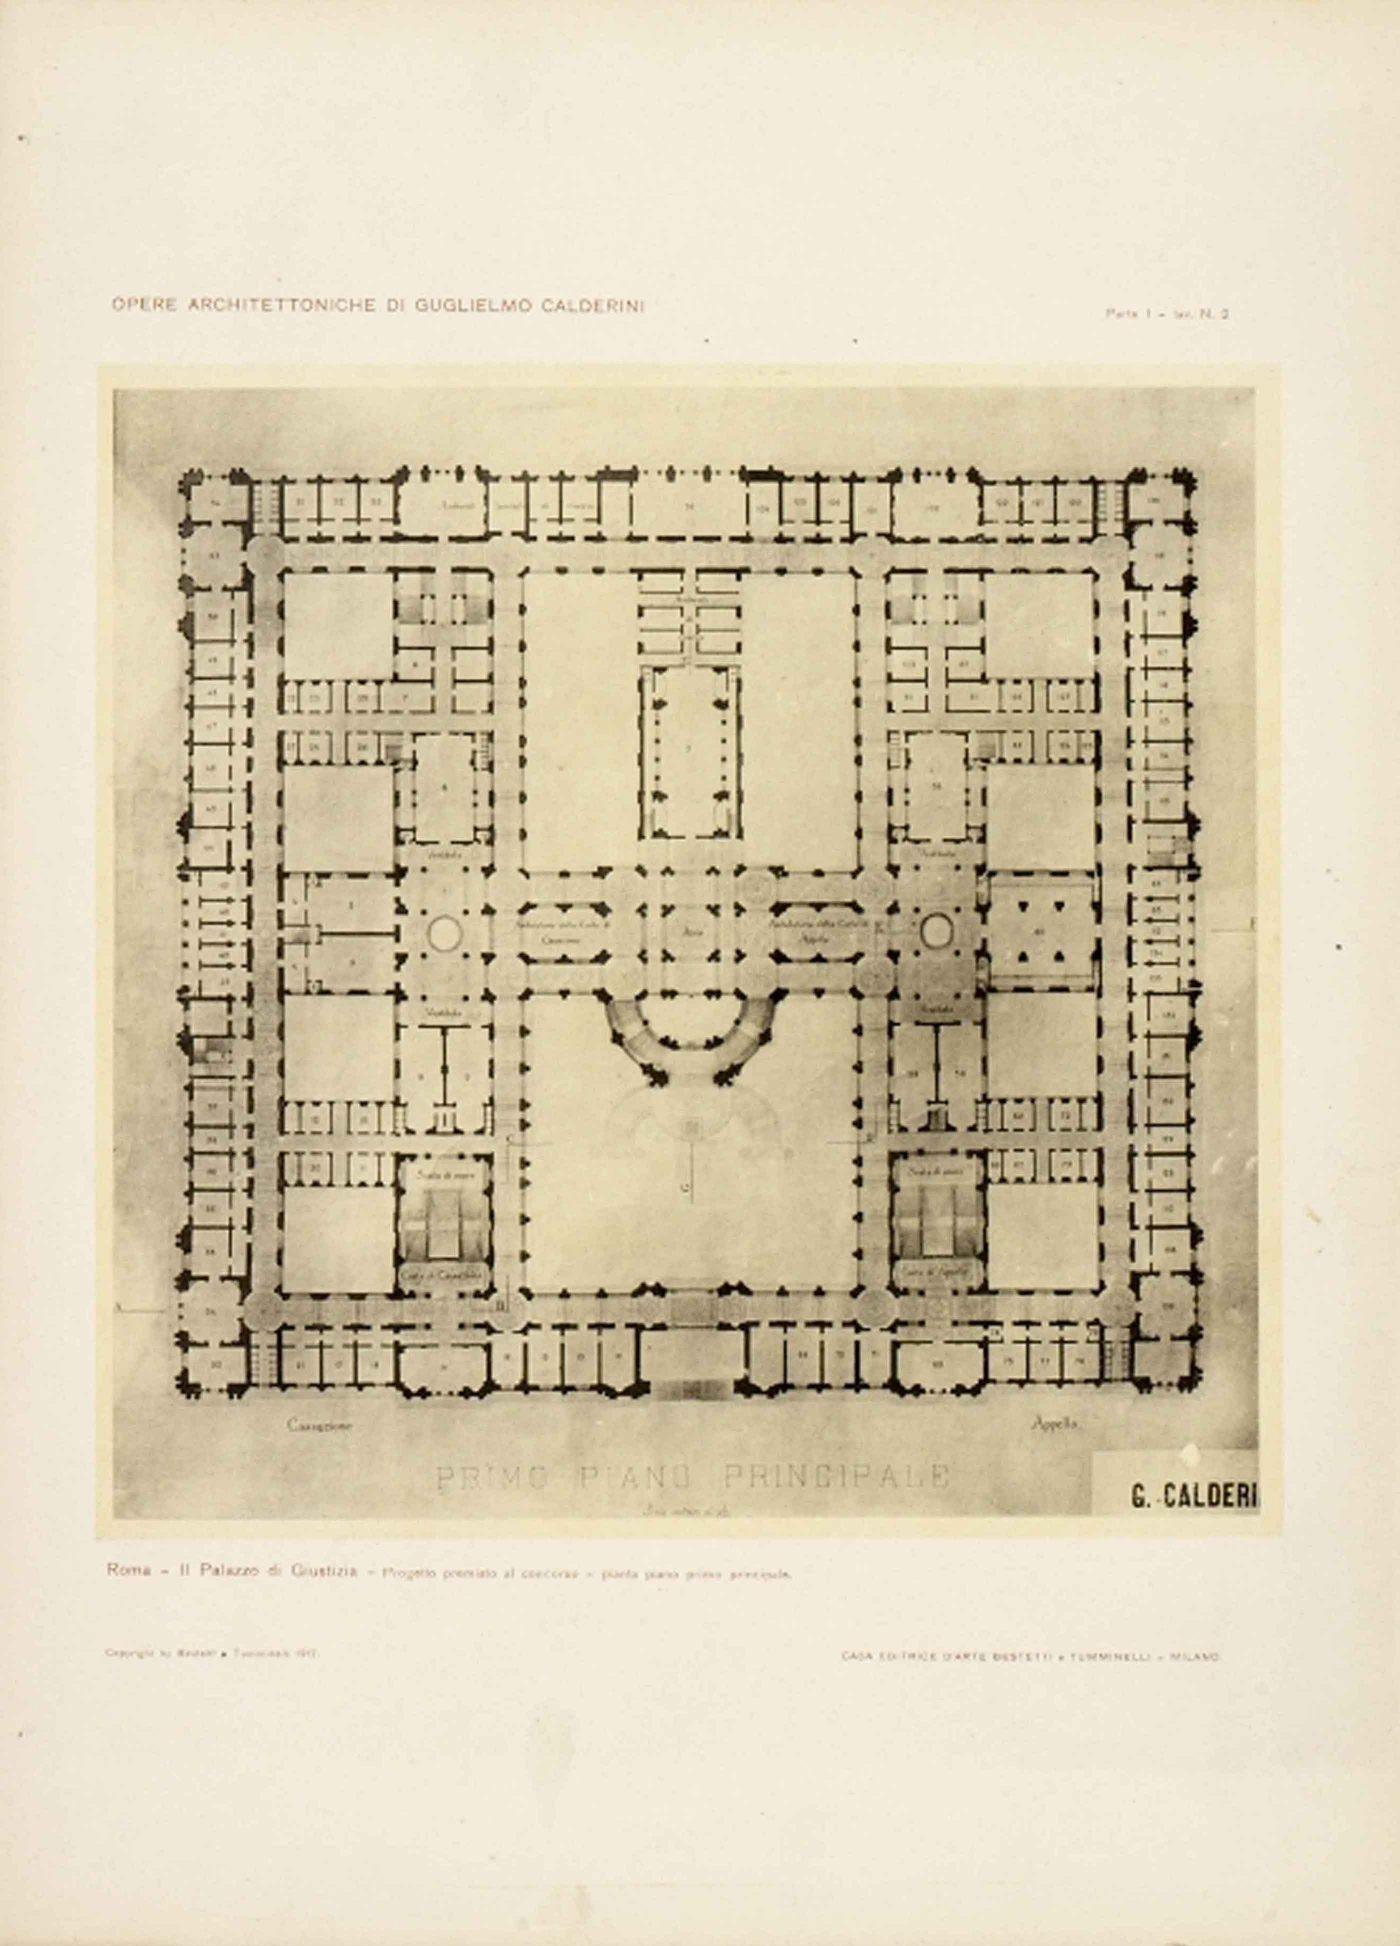 Roma Palazzo Architettoniche Di Guglielmo Calderini Sfw Crop